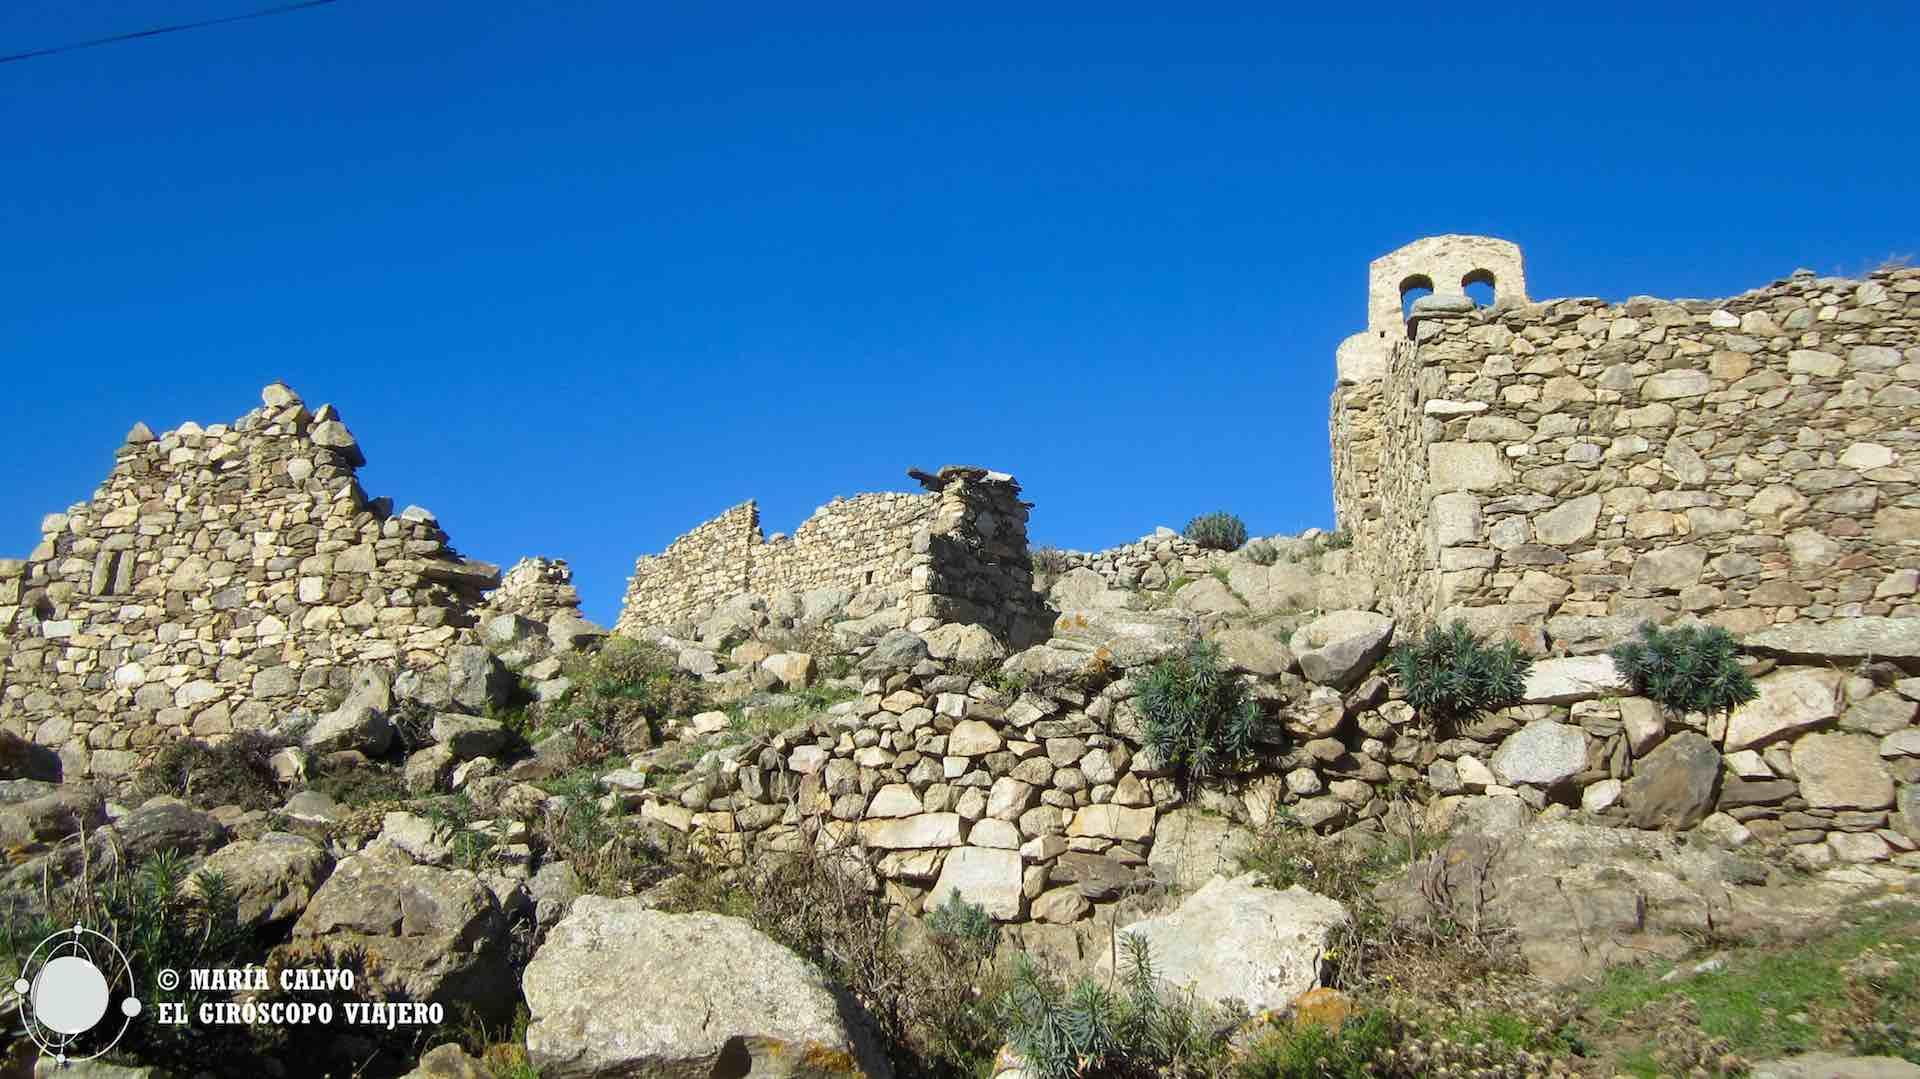 Senderismo en los Pirineos: de Eus al pueblo abandonado de Comes